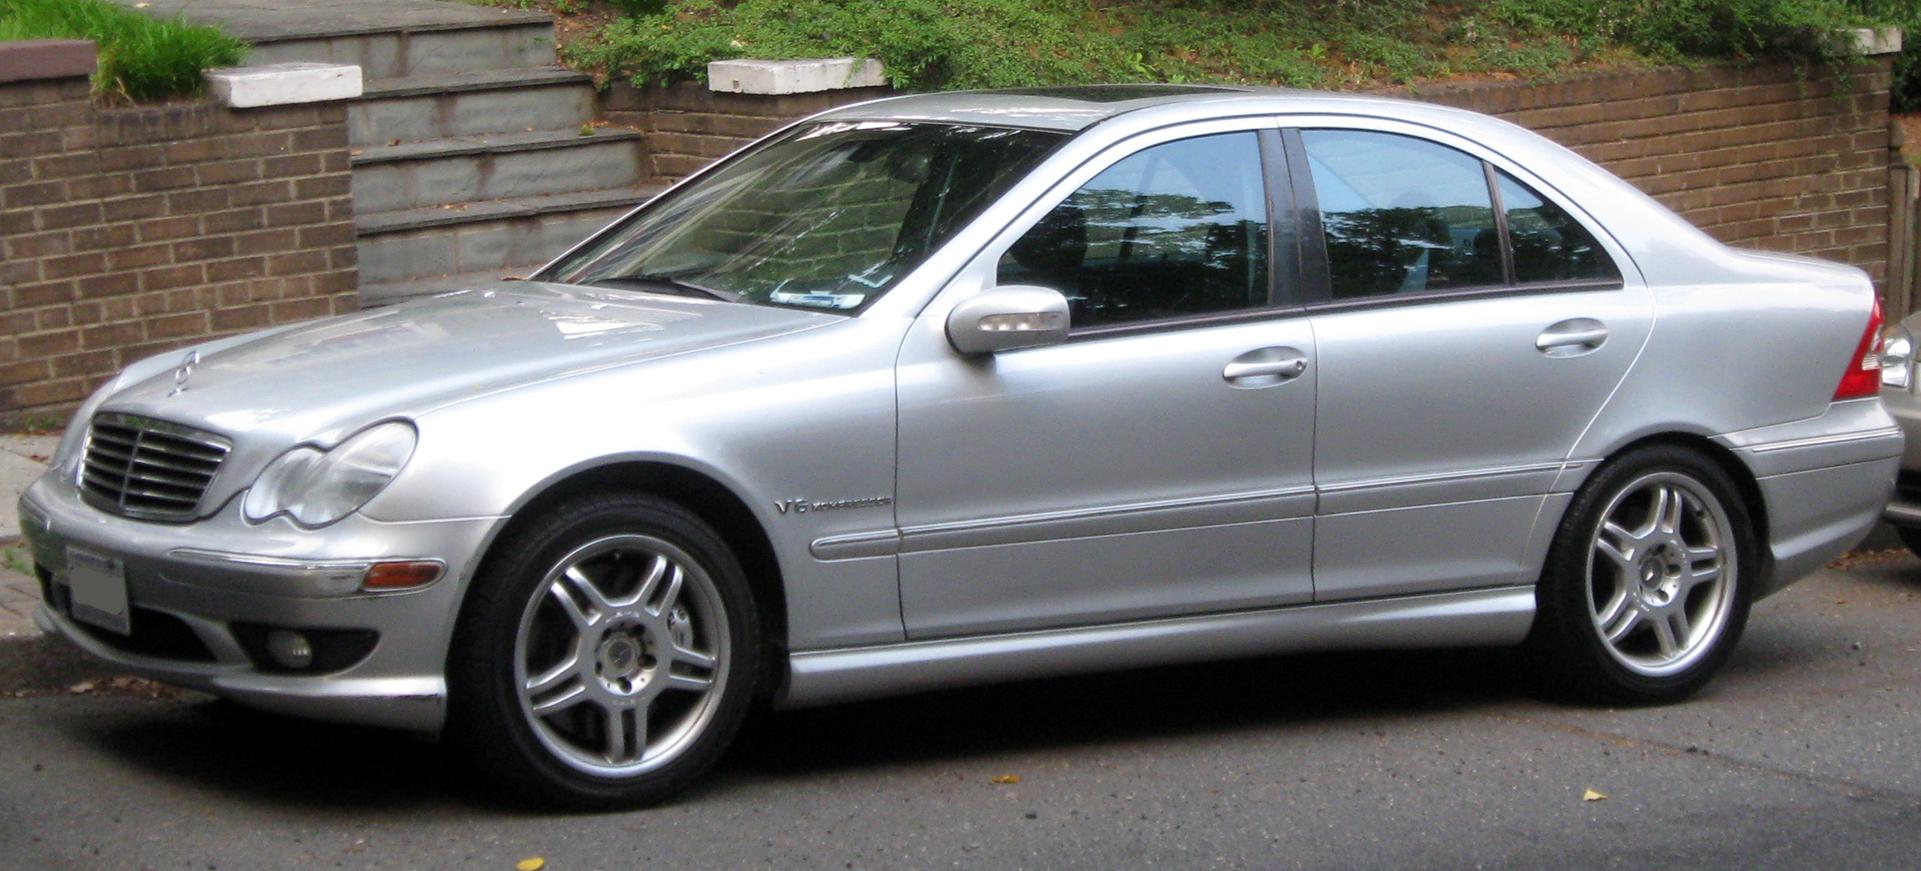 File:Mercedes-Benz C32 AMG -- 06-10-2011.jpg - Wikimedia ...